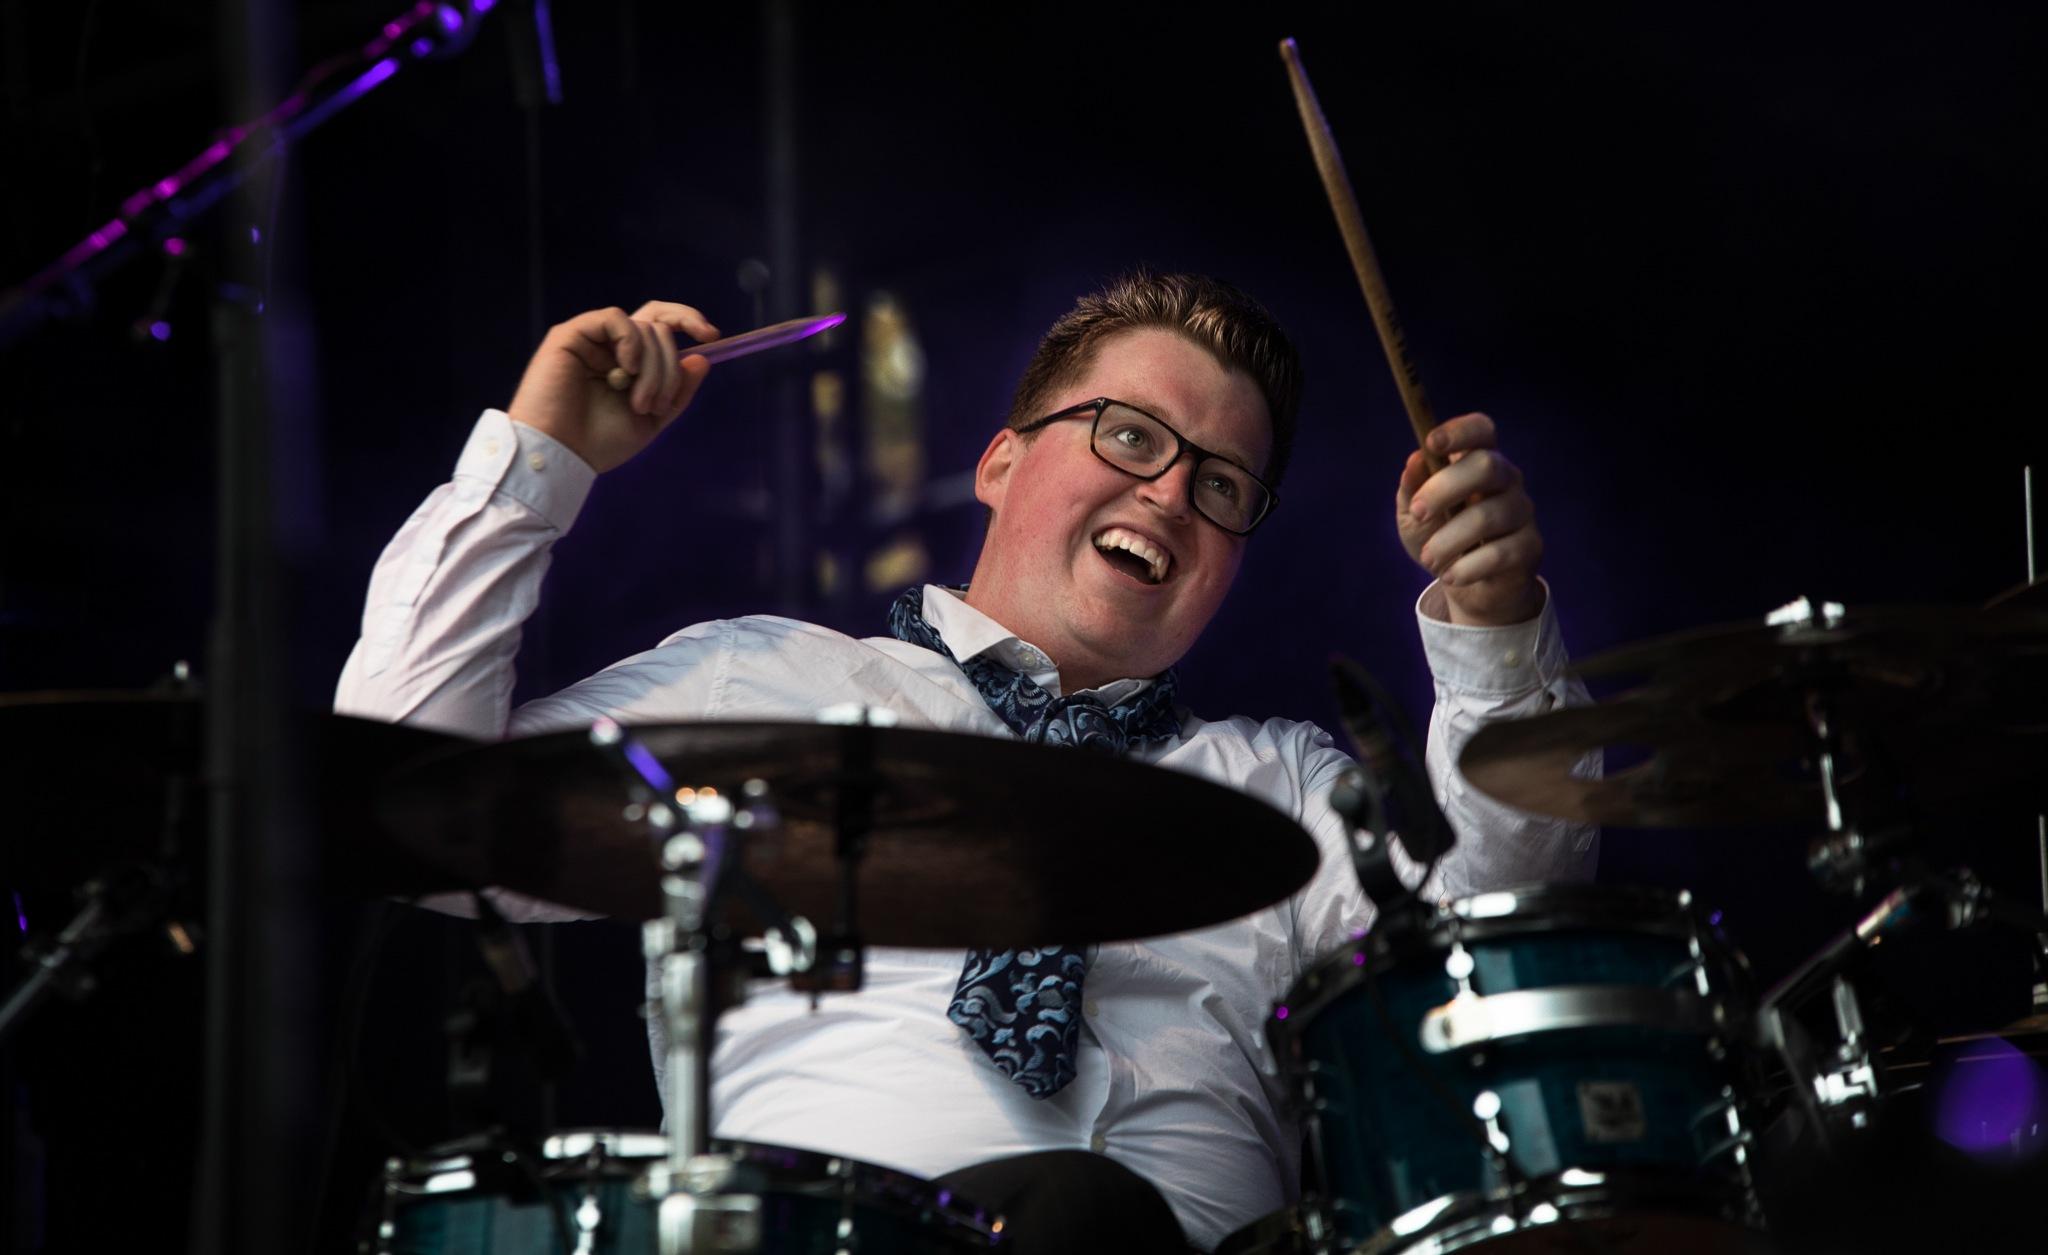 Happy Drummer ... by GiekeMerckx